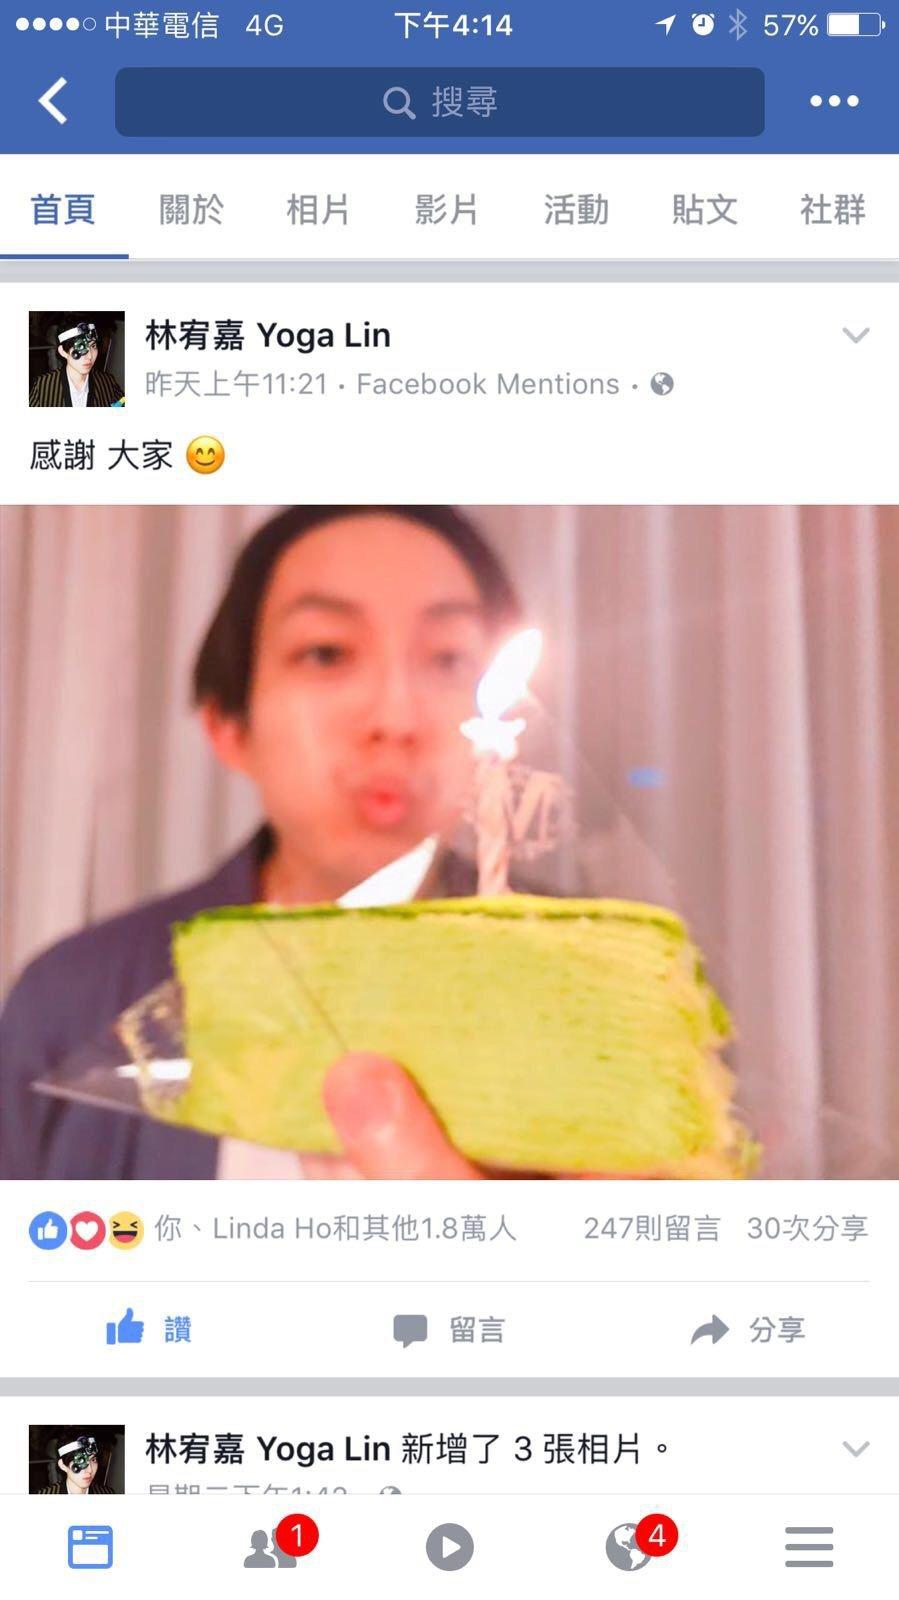 林宥嘉婚後赴美工作兼慶生,老婆丁文琪愛相隨。圖/擷自臉書